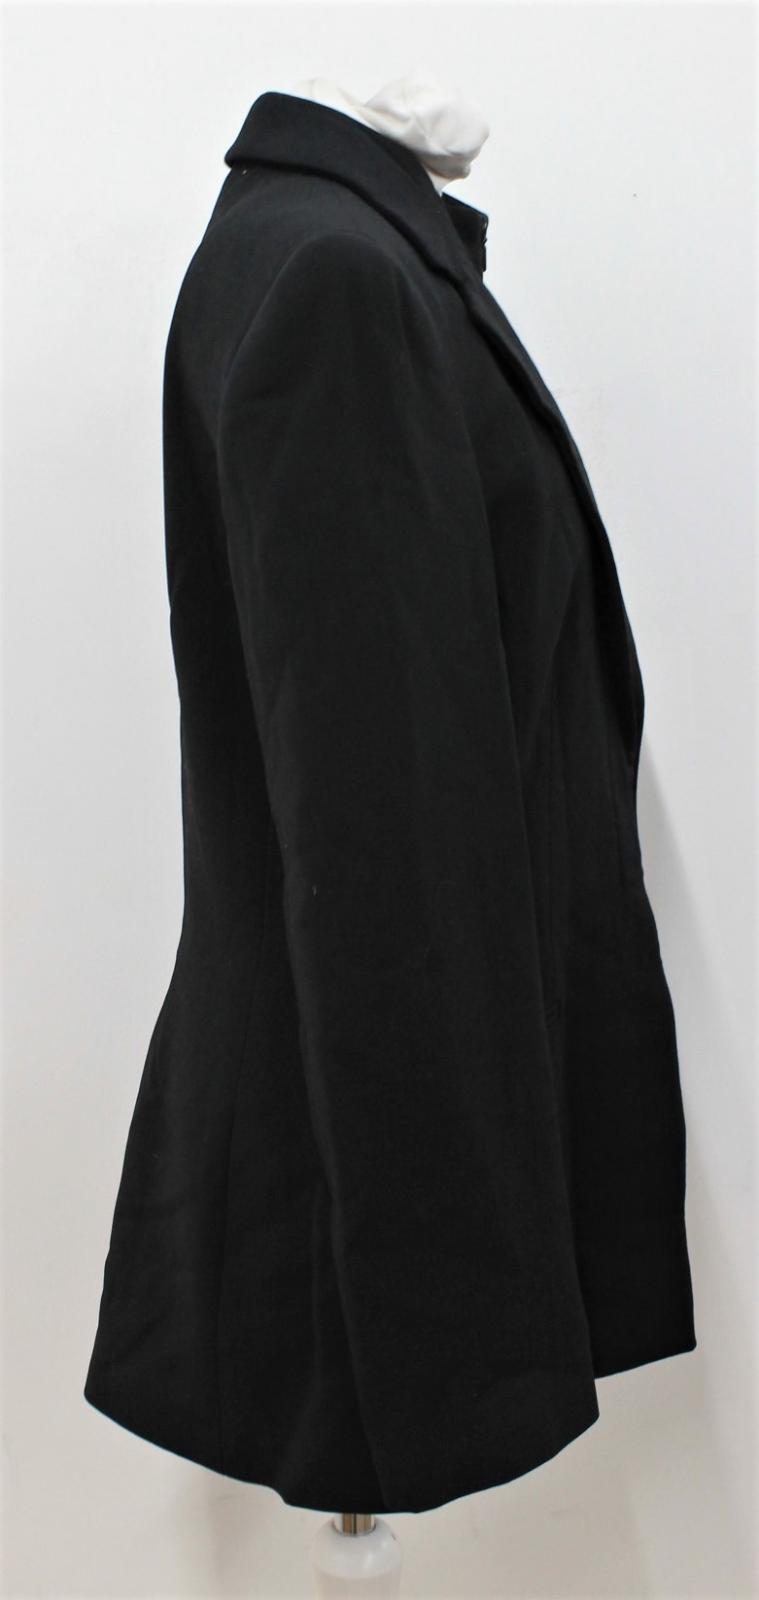 It44 de de para para Armani formal mezcla Tamao Blazer lana Uk12 de de Giorgio mujer mujer chaqueta zwaRnxq75